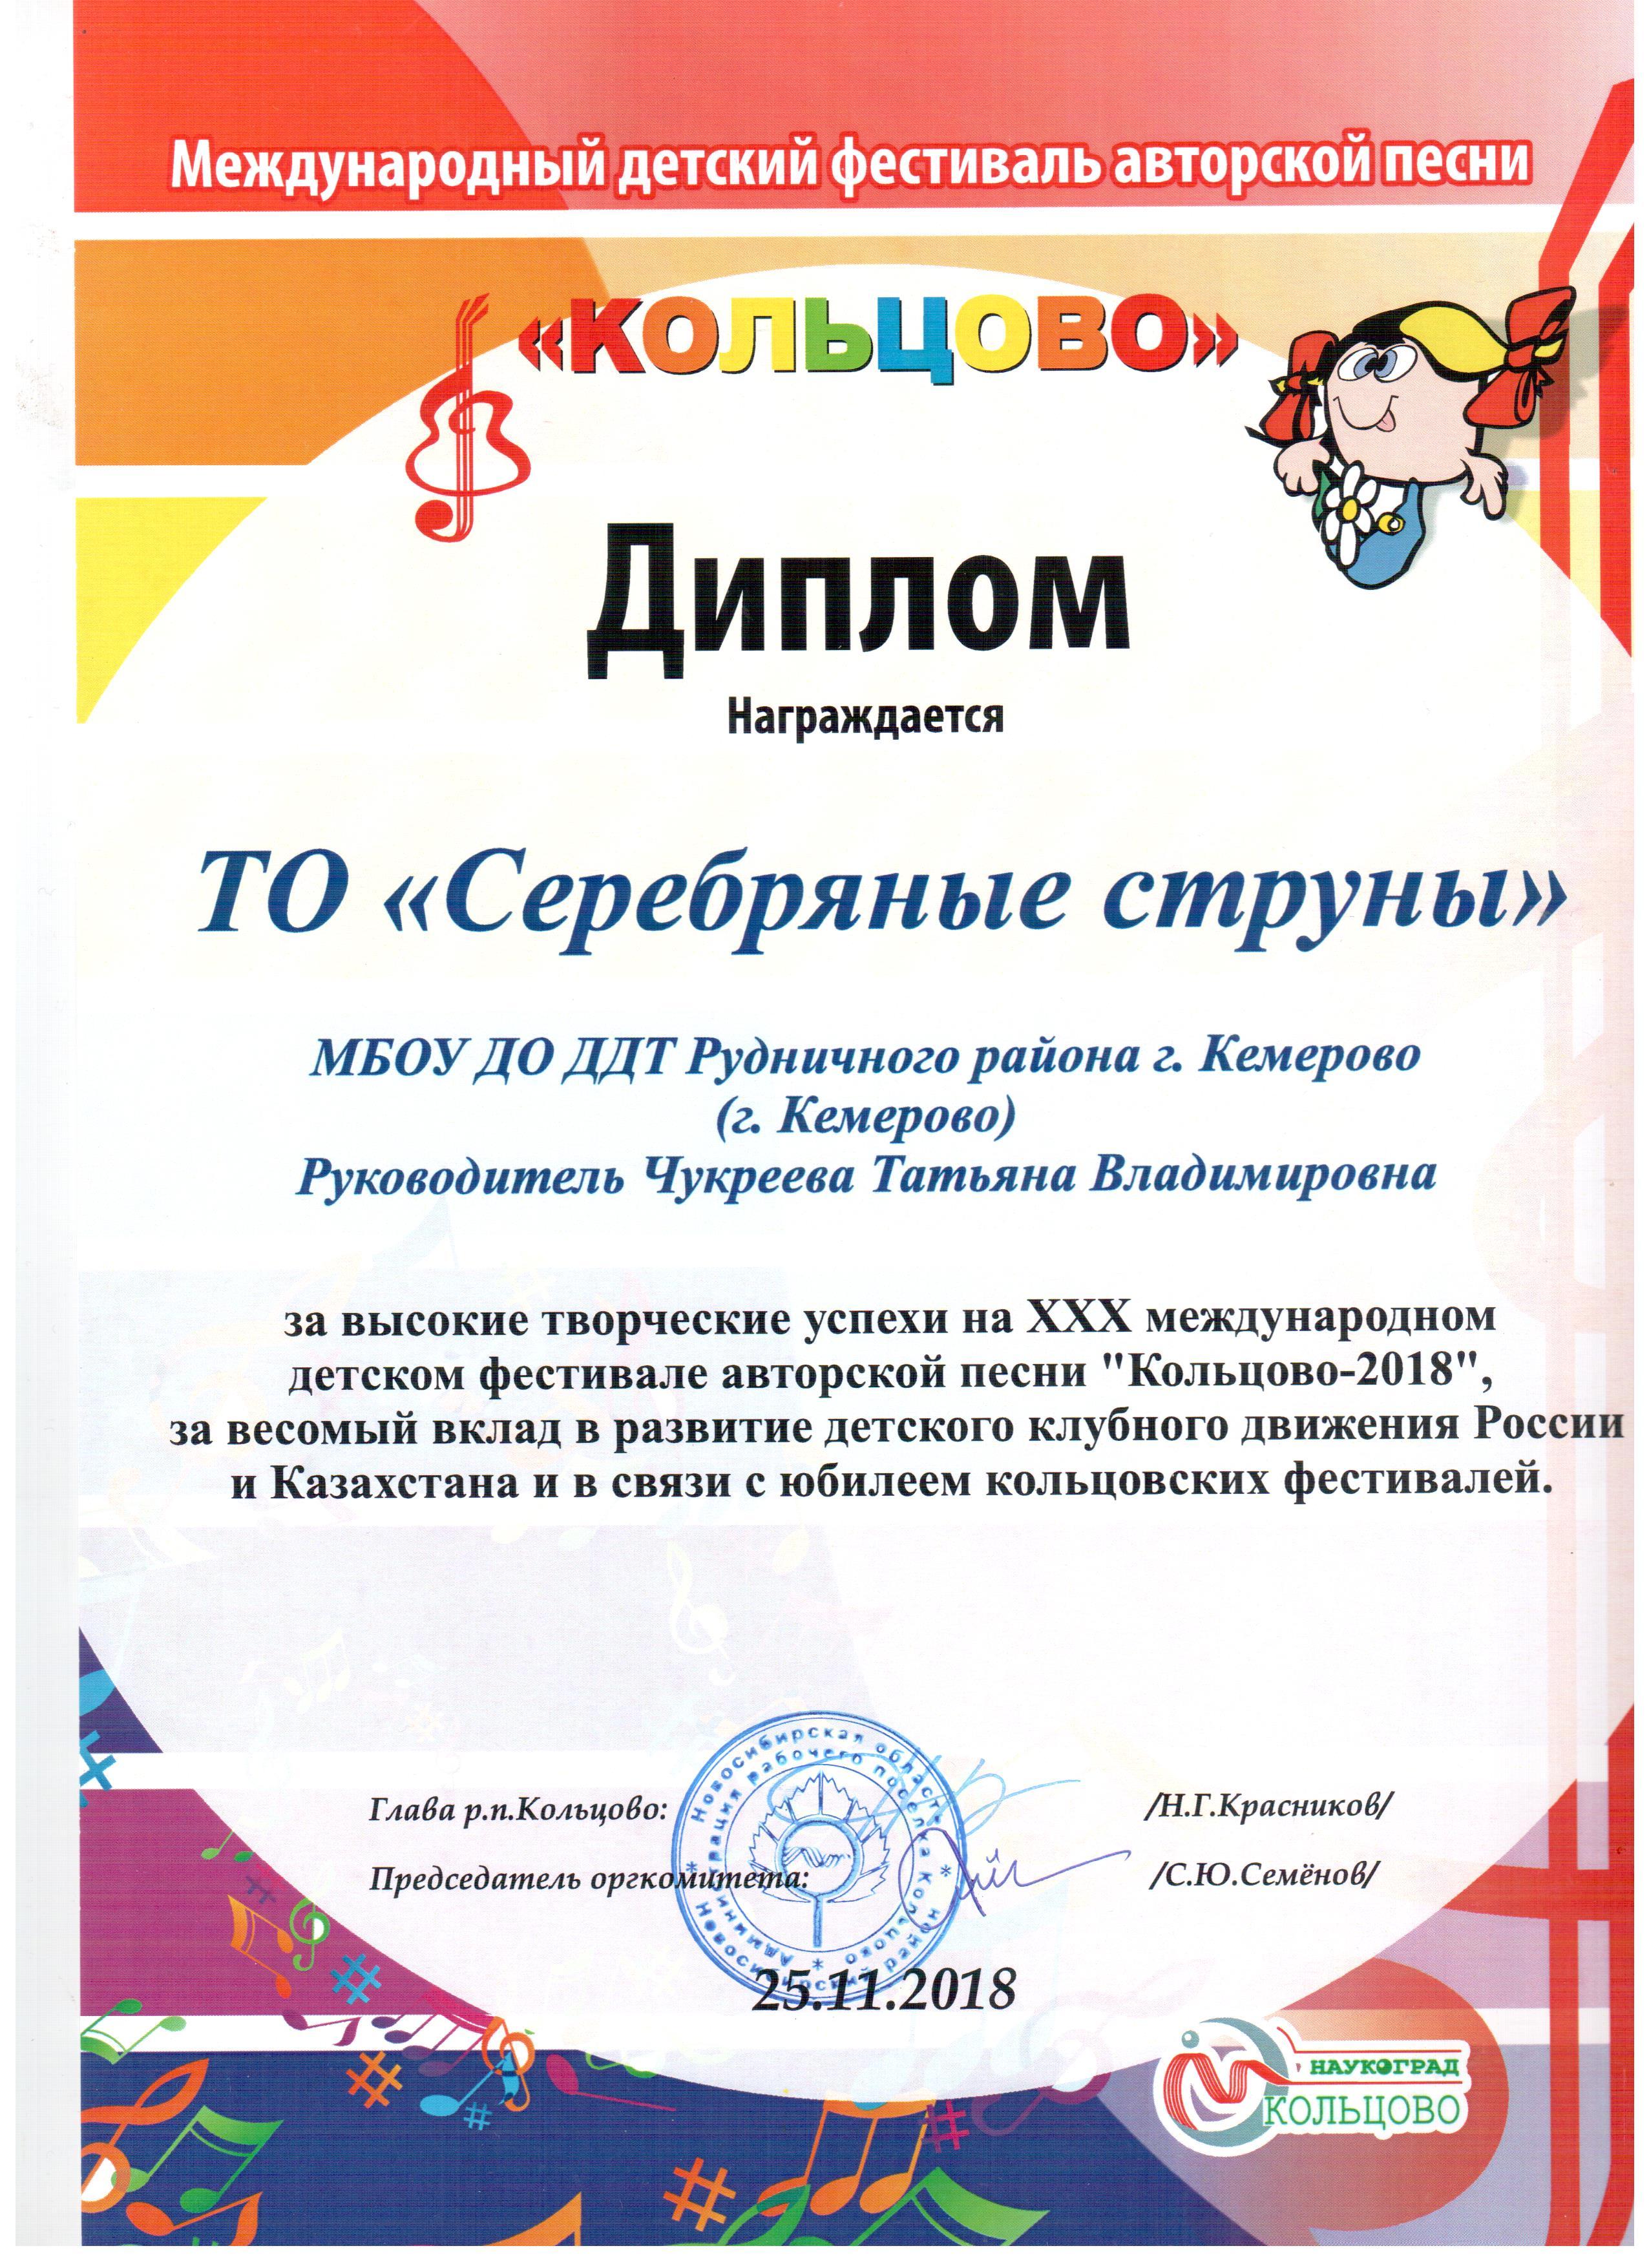 litse-trahaet-hhh-sayti-kazahstana-onlayn-seks-zrelimi